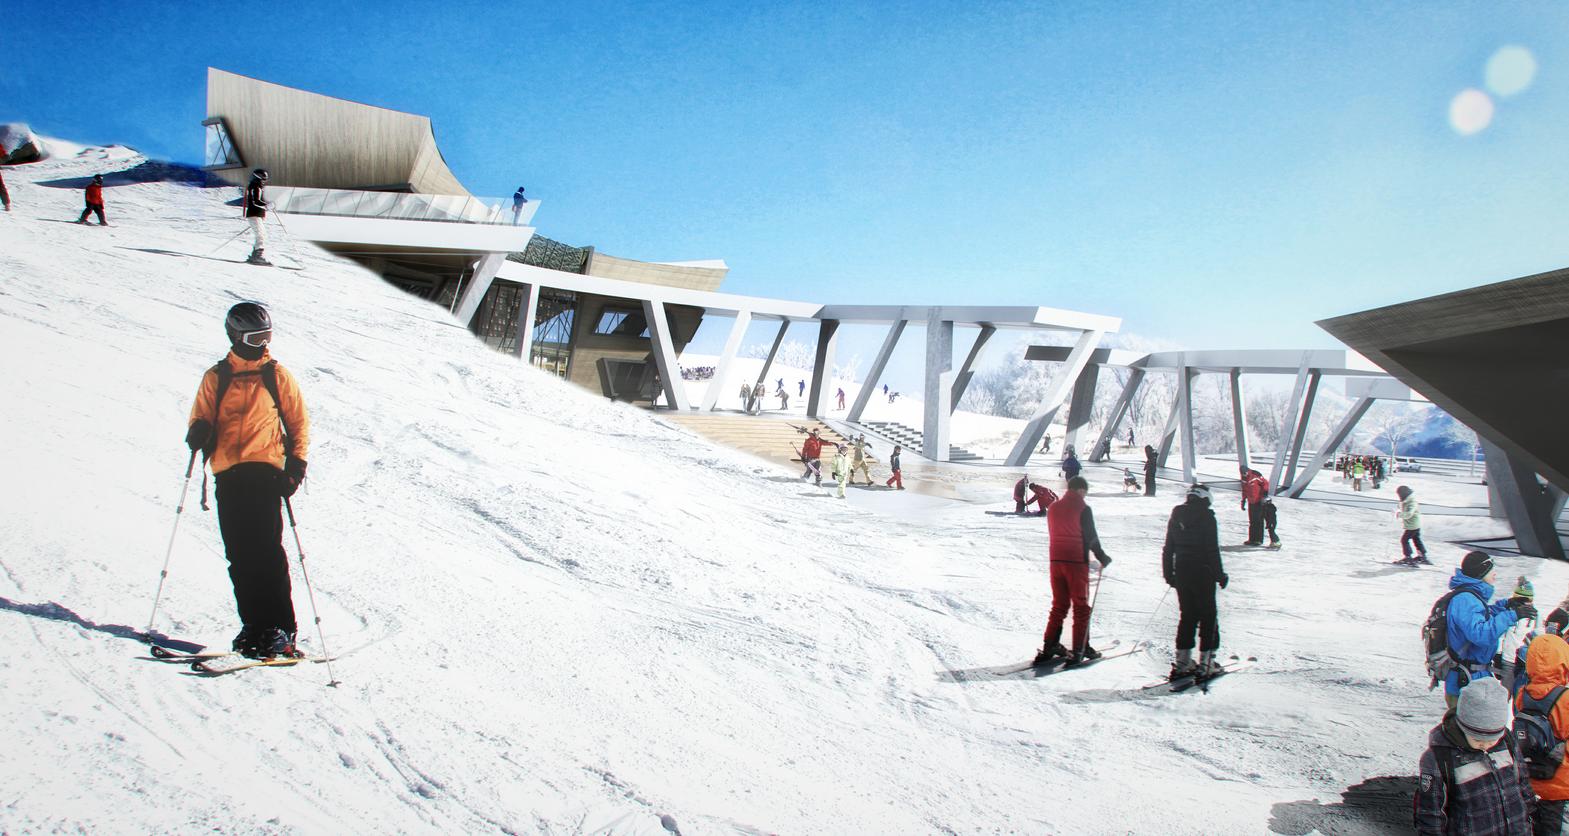 Daniel Libeskind lanza el diseño para el centro de descanso de Vilna en Lituania, © Eyal Shmuel